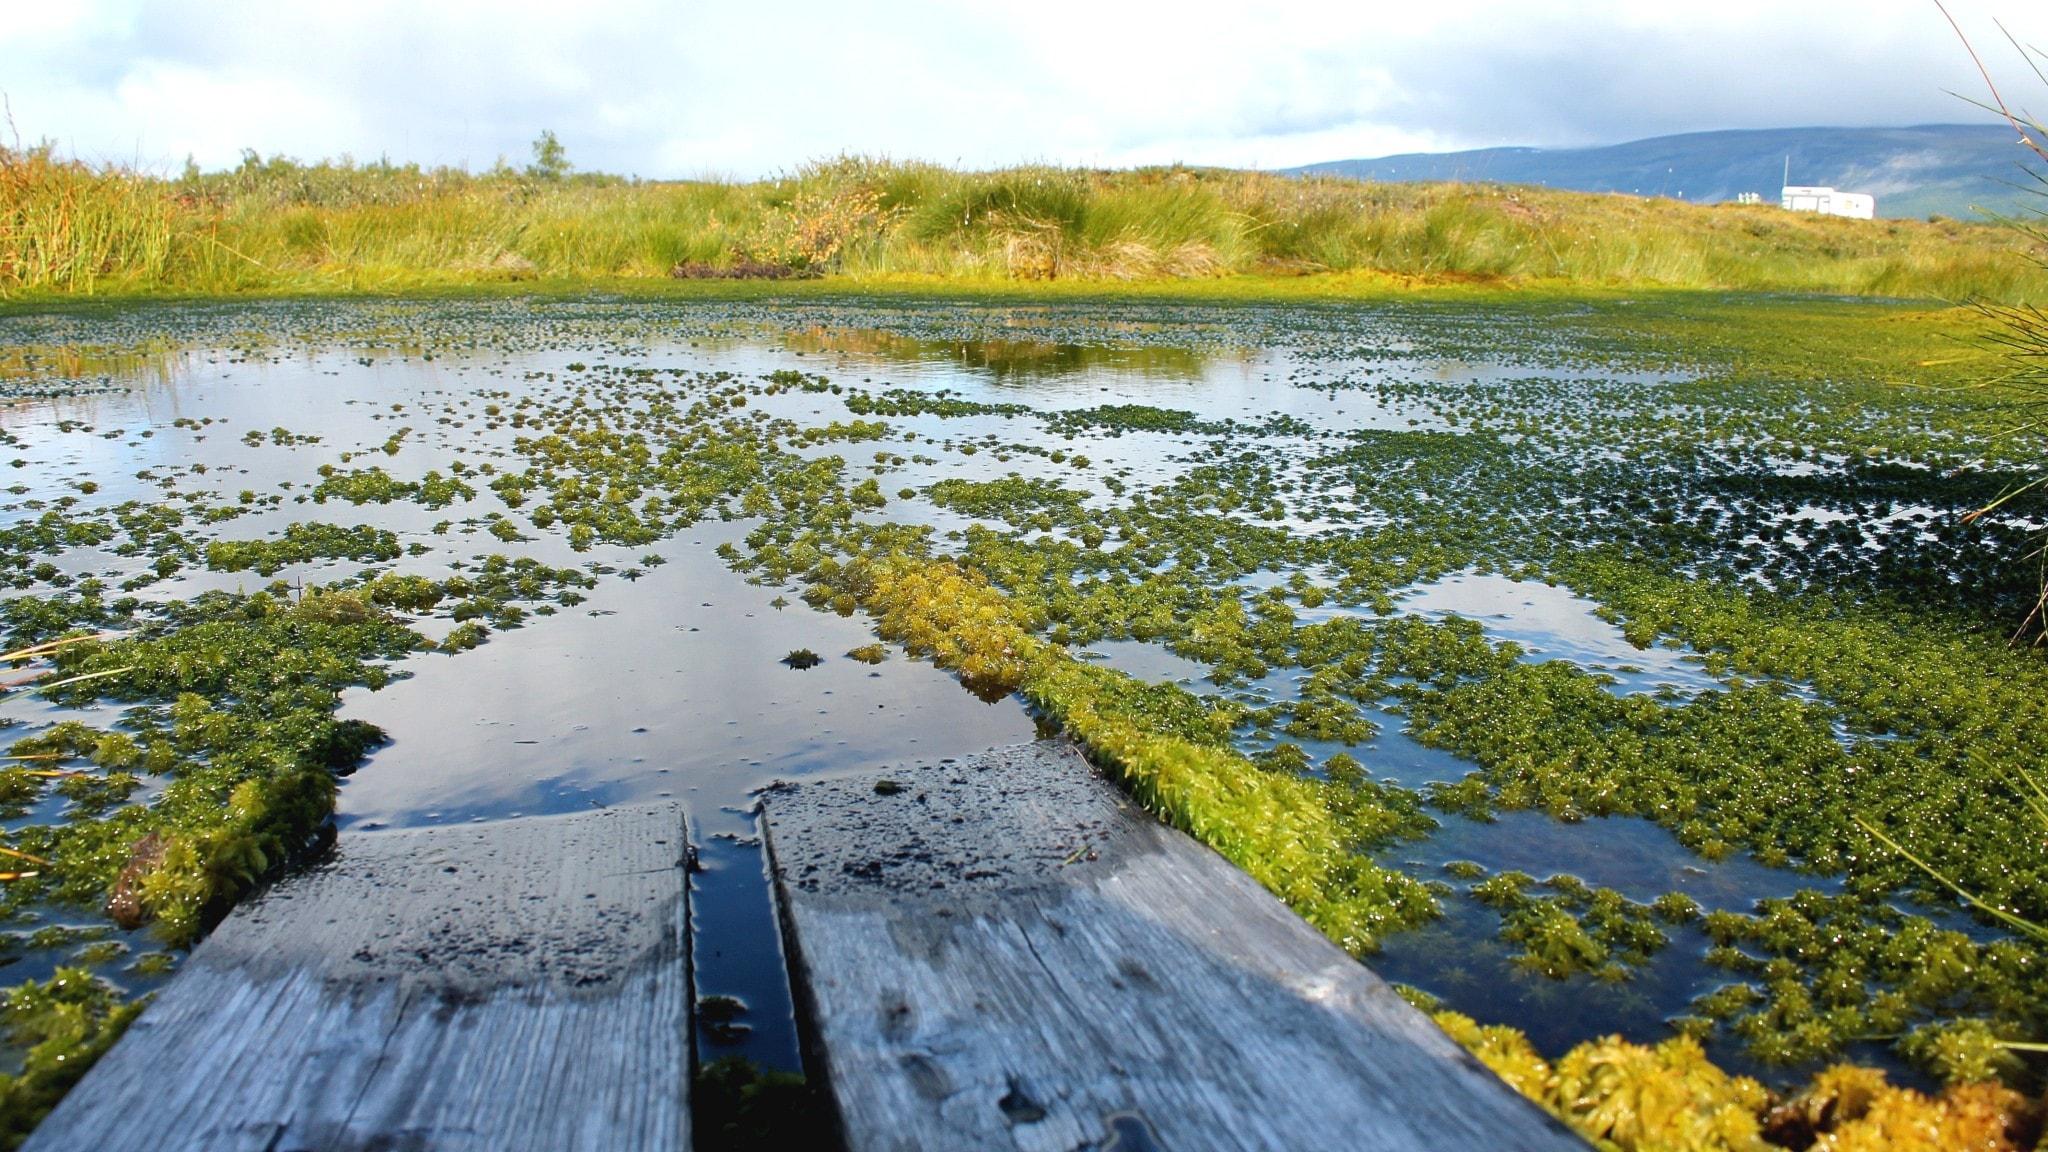 På Stordalenmyren i Abisko har en spång hamnat under vatten när permafrosten tinat.